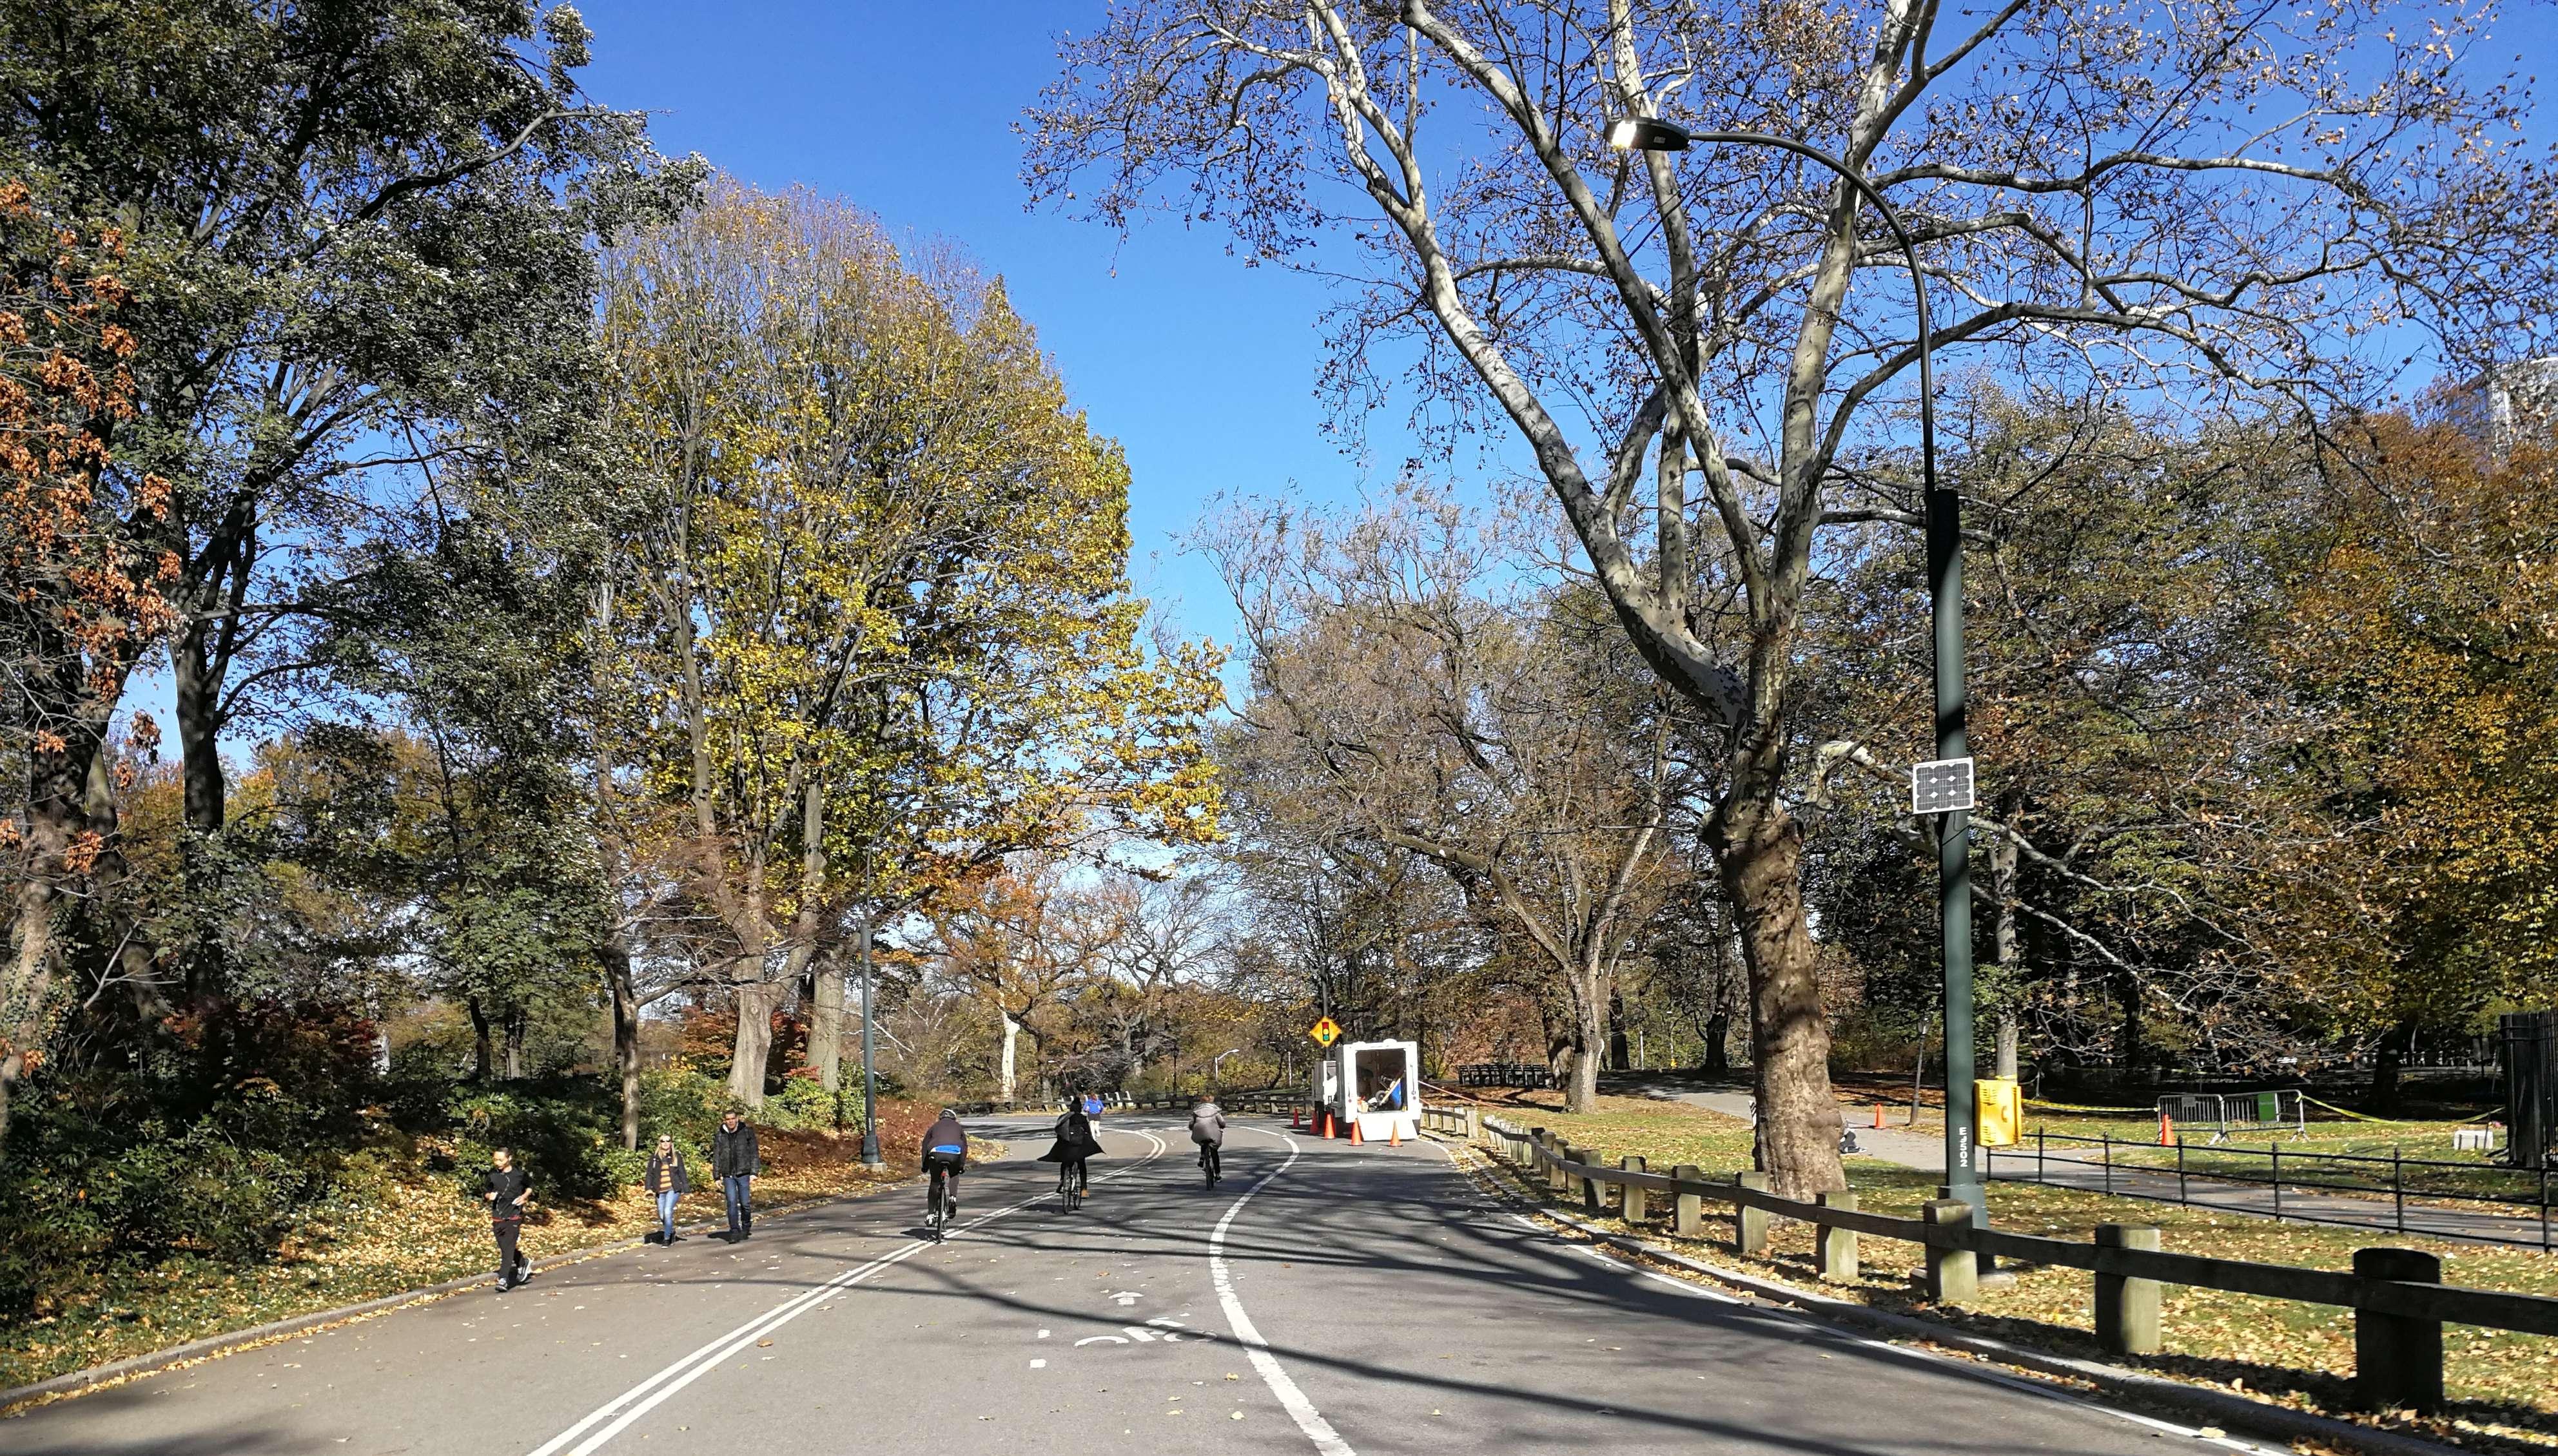 d2e3675011b213 We fietsen nog even verder en naast vele eekhoorns zien we ook veel mensen  hardlopen en wielrennen. Het park is een ideale plek om te sporten. En je  hebt op ...